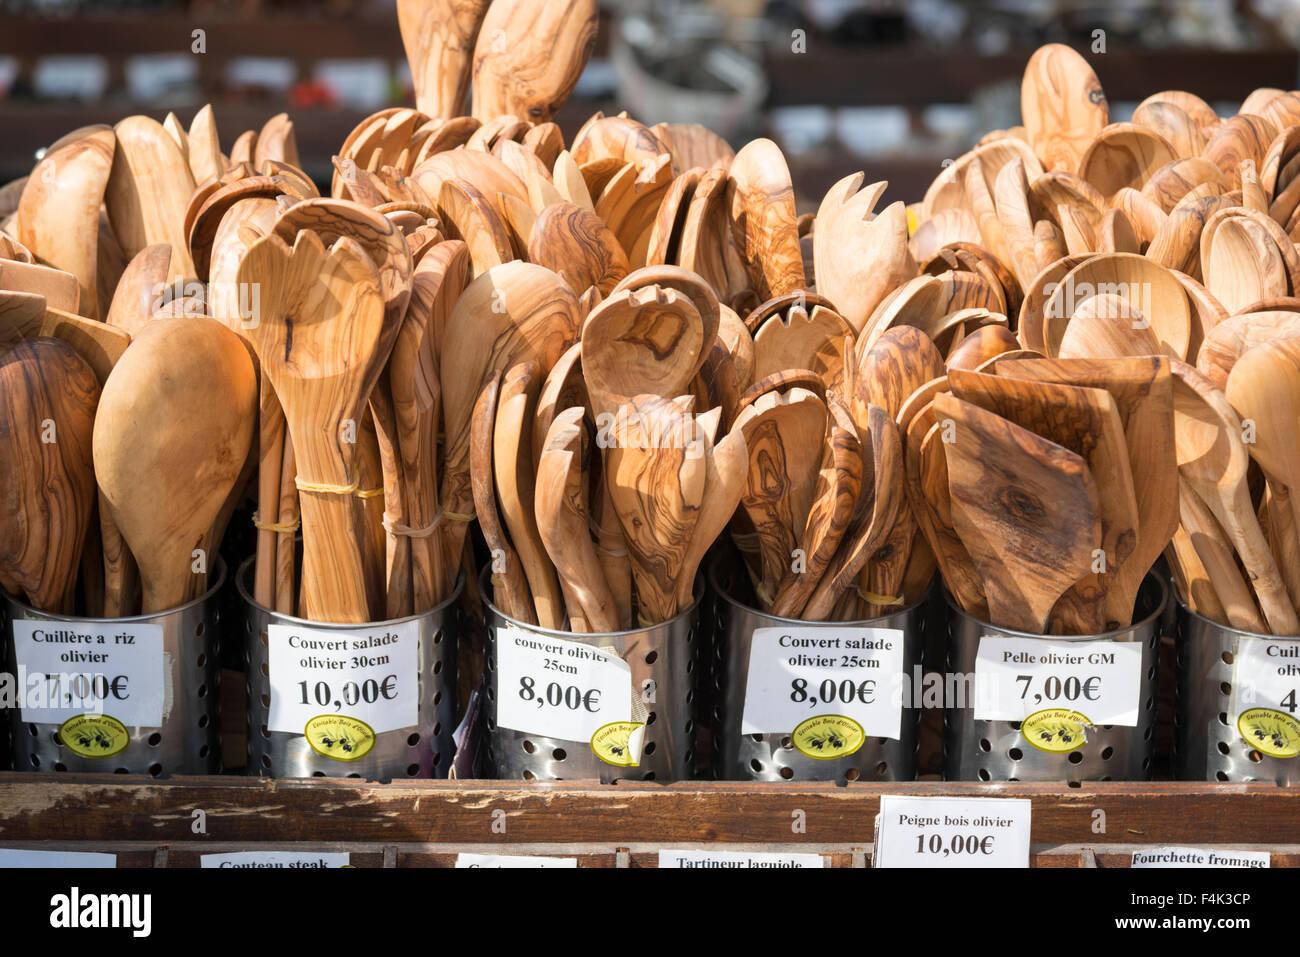 Oliven Holz Küchengeräte zum Verkauf auf einem Markt stall in ...